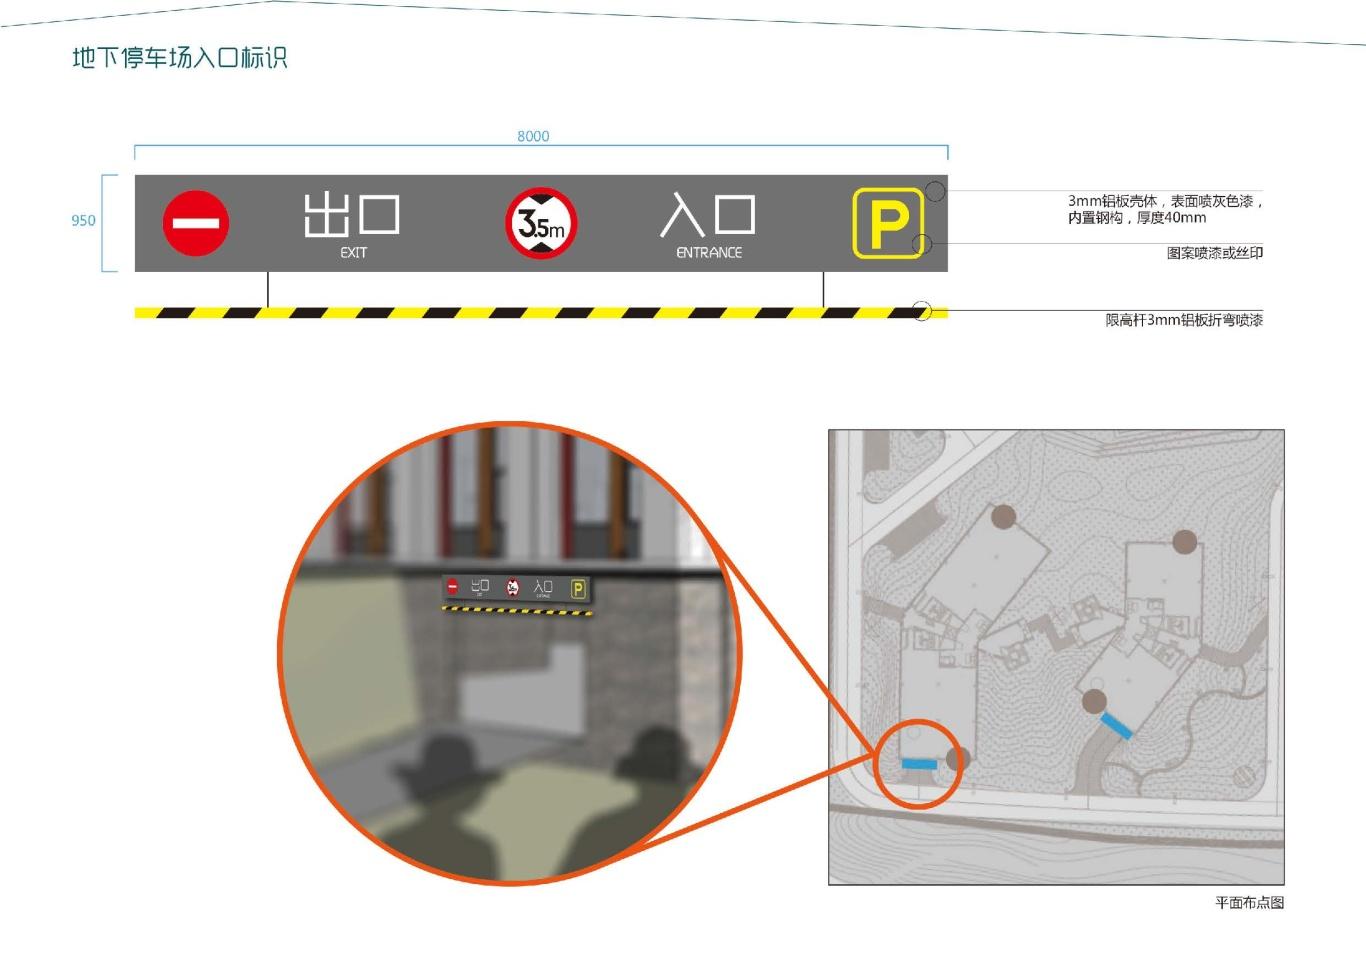 大连泰达慧谷开发区导视系统设计图32